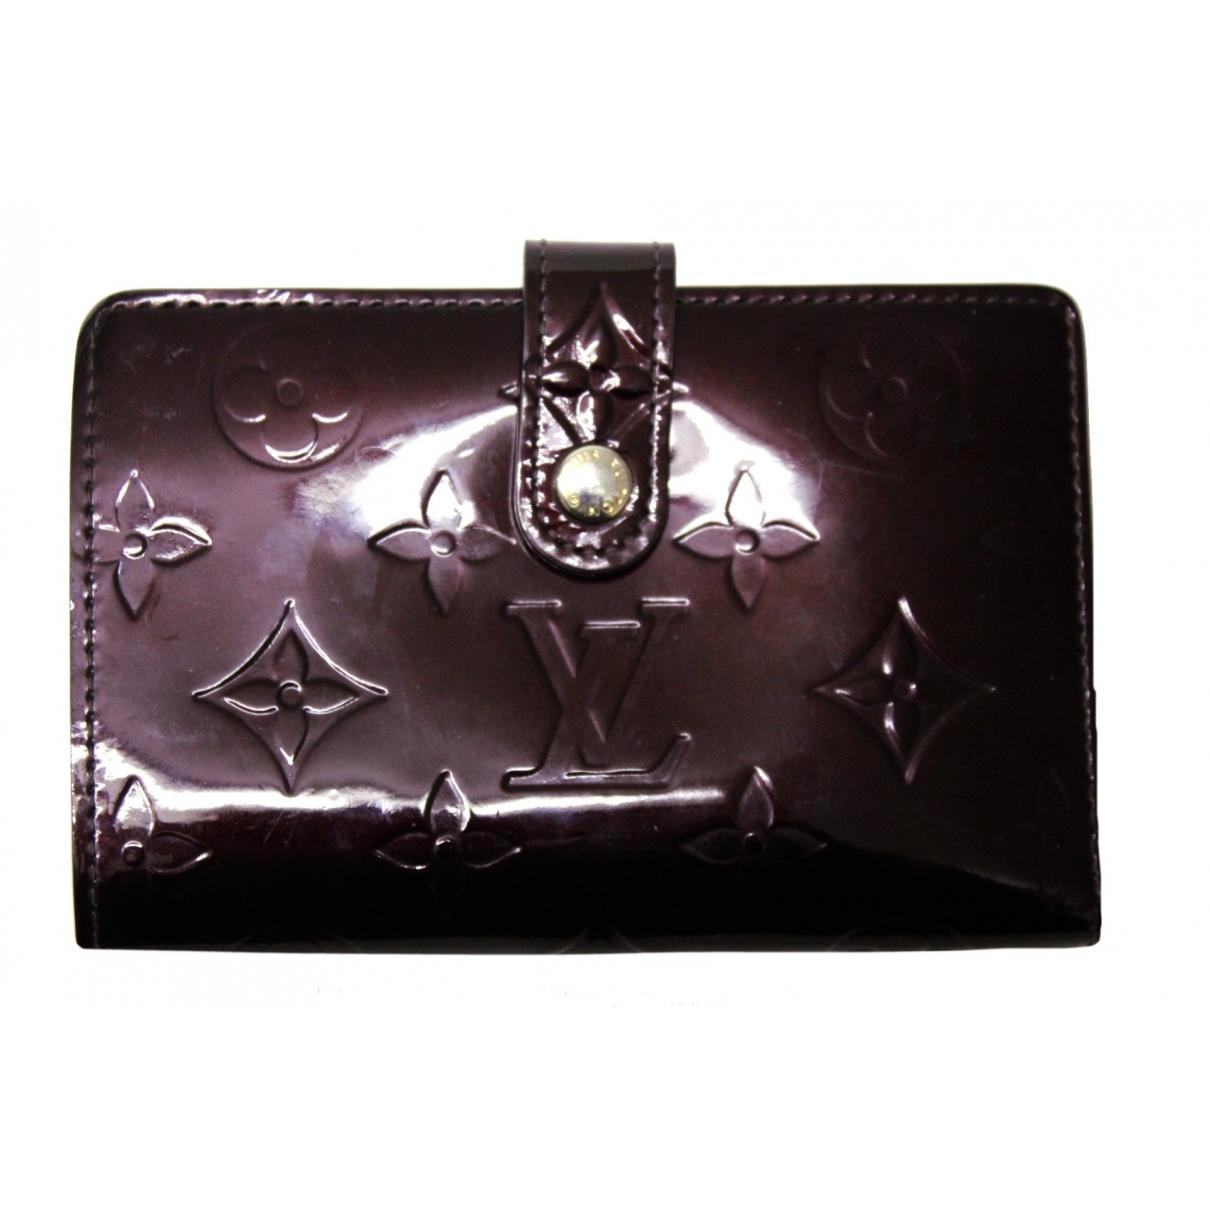 Louis Vuitton - Portefeuille   pour femme en cuir verni